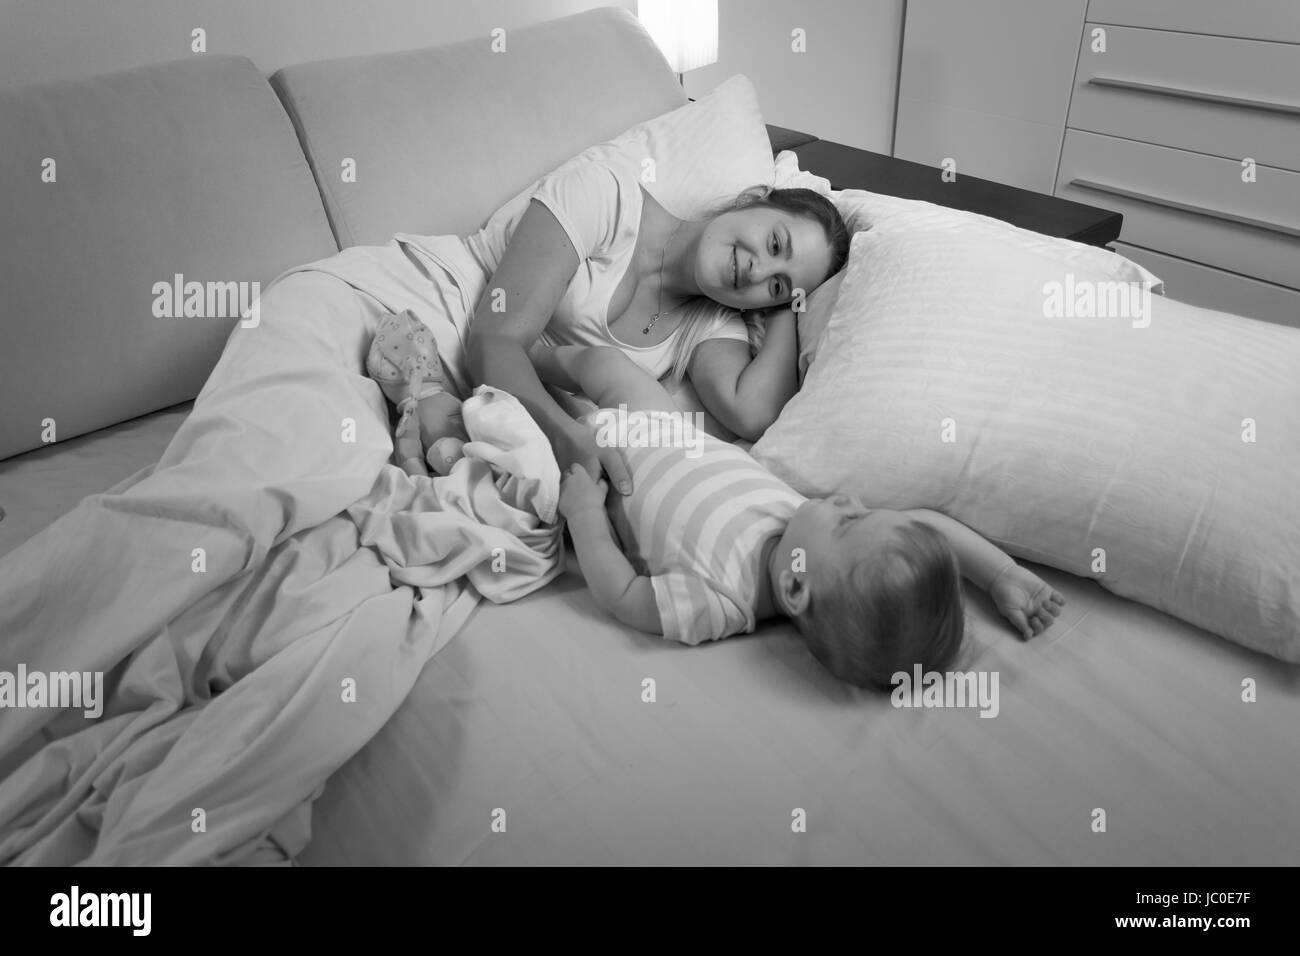 Сын подсматривал за спящей мамой смотреть бесплатно, Сын подглядел за тренировкой мамы и трахнул ее порно 7 фотография